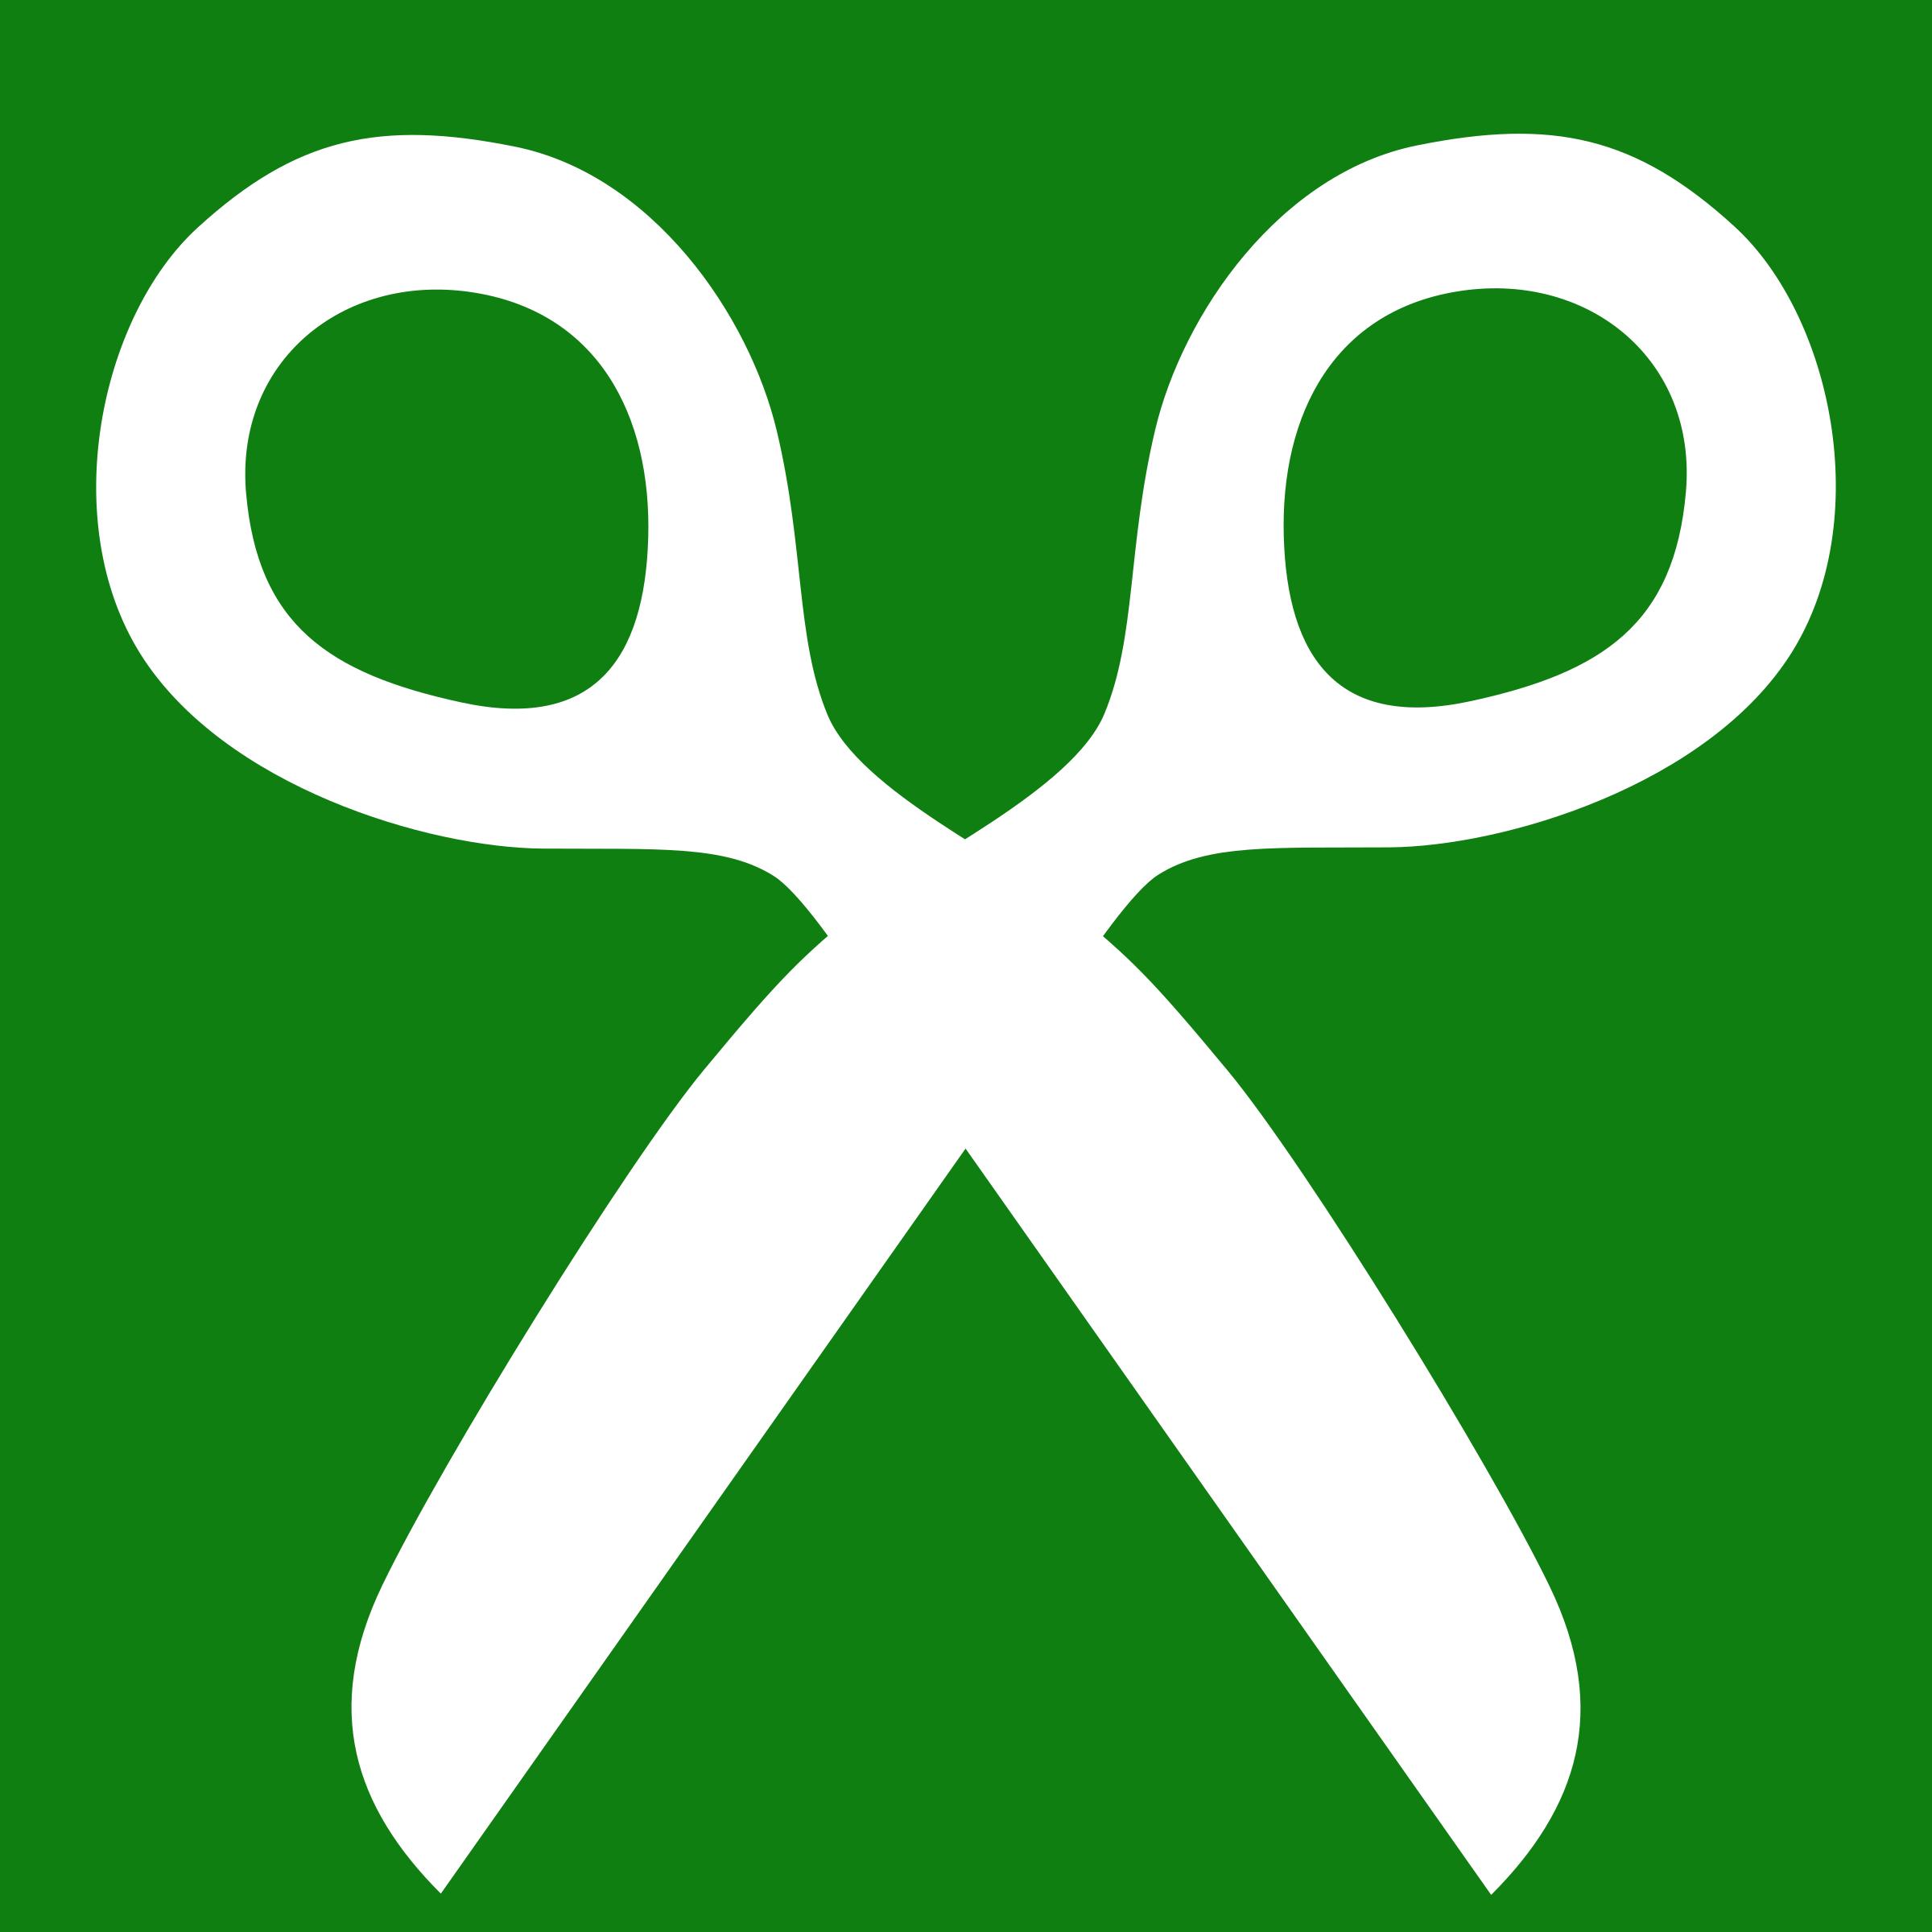 kitesurf vector download ocx